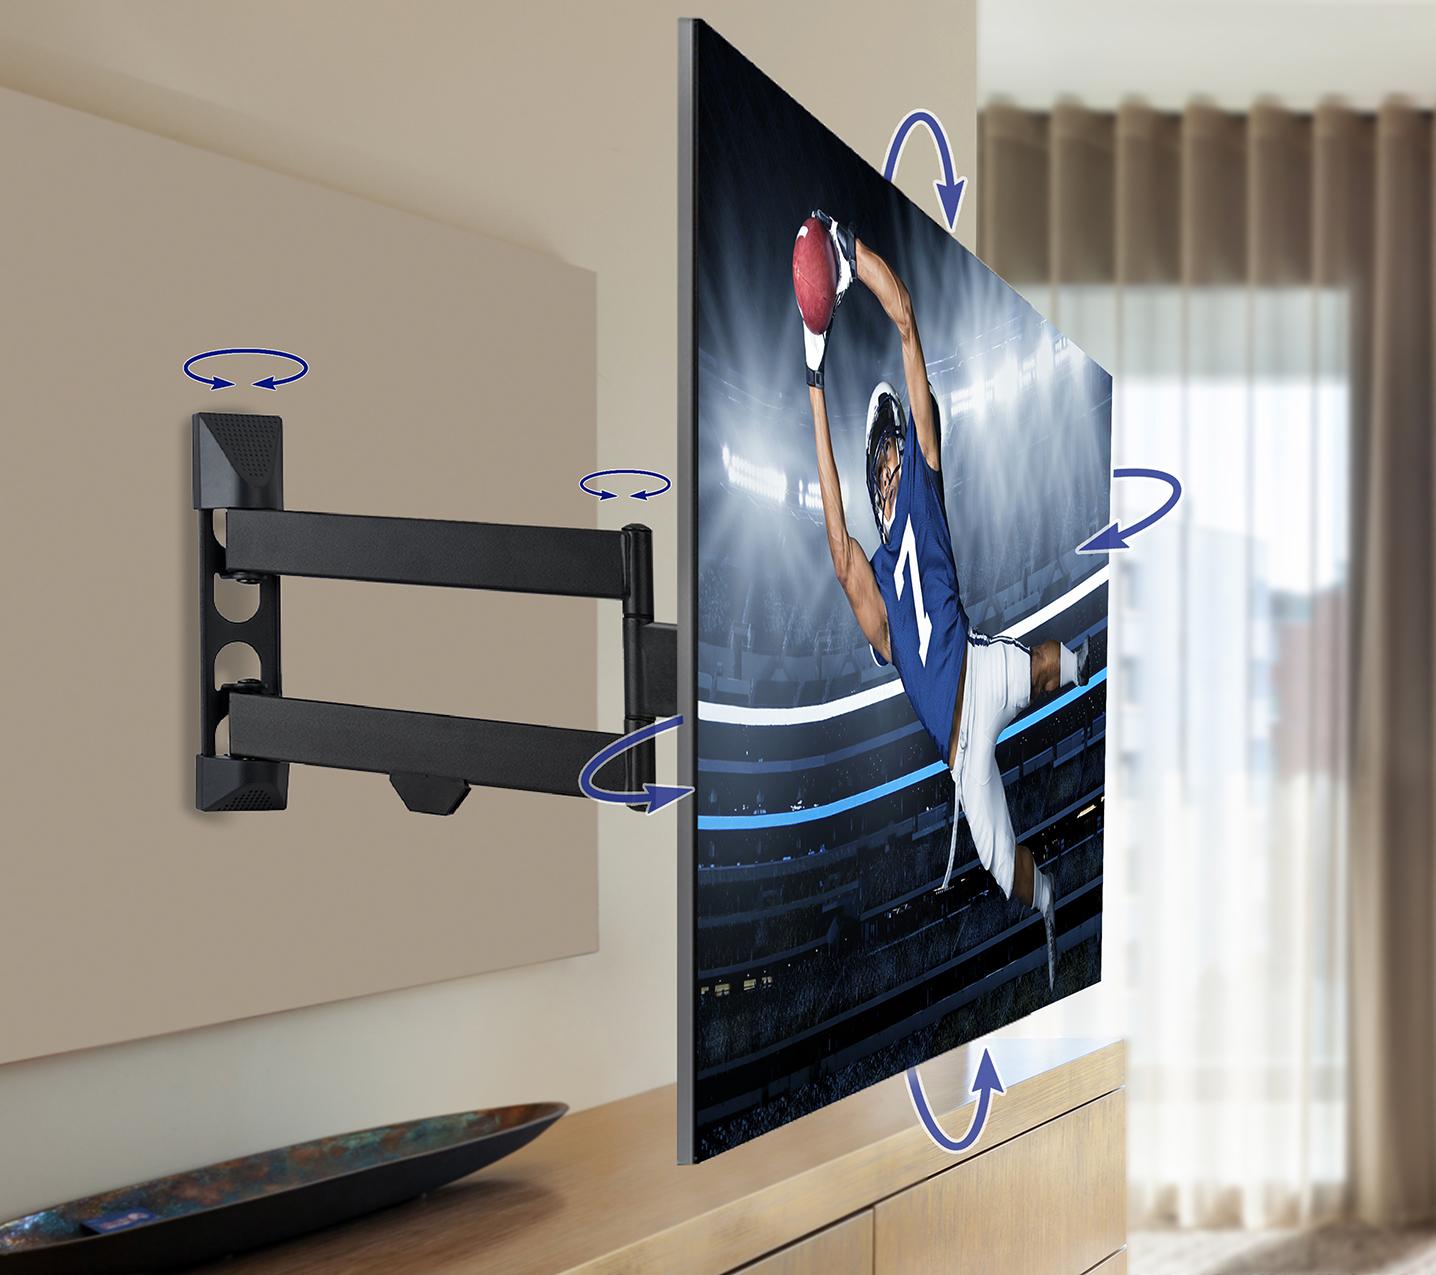 Small Room Box Kit Dhw021: QualGear QG-TM-021-BLK Universal Ultra Slim Low Profile